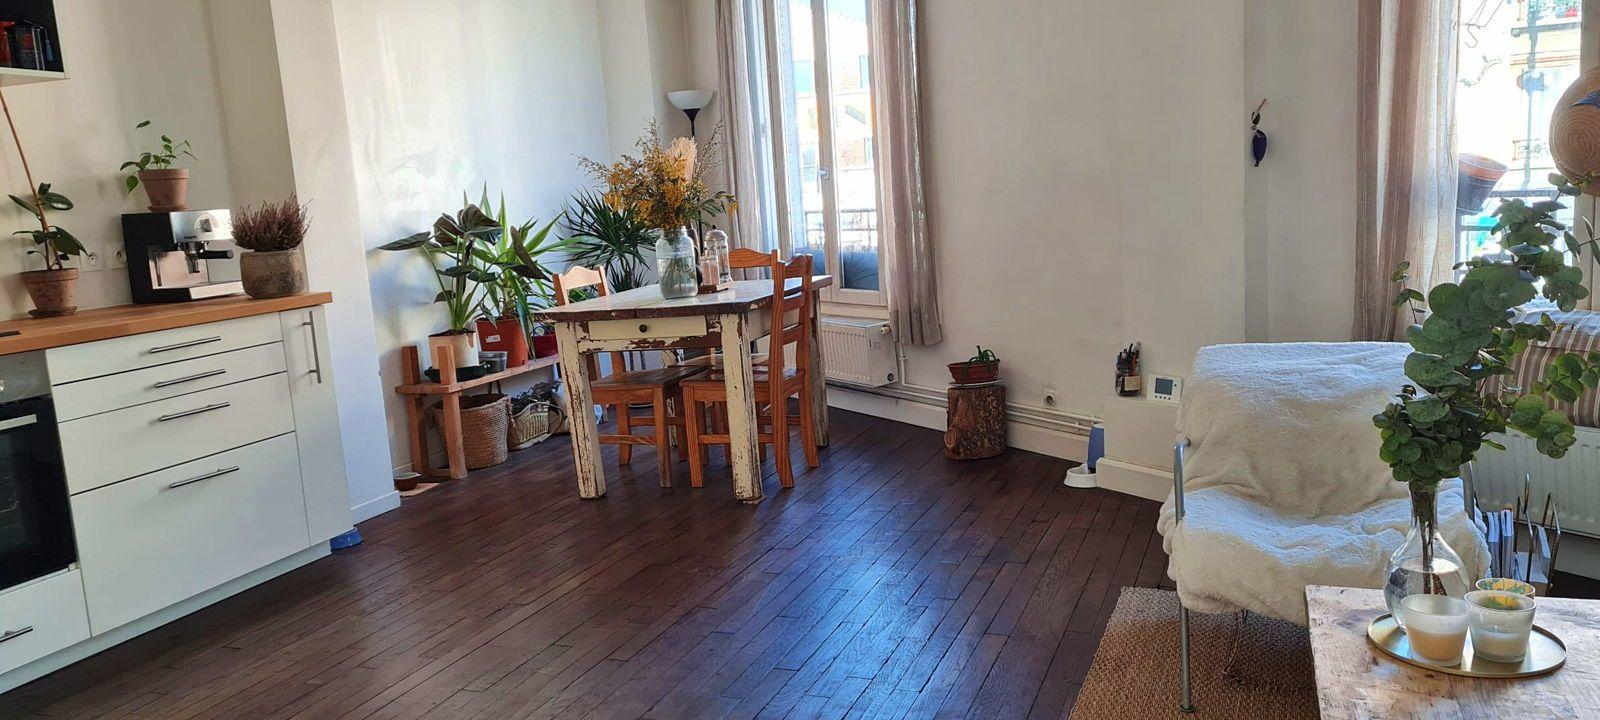 Loue chambre 12m² chez l'habitant, dans T4100m² à Montreuil (93) Robespierre